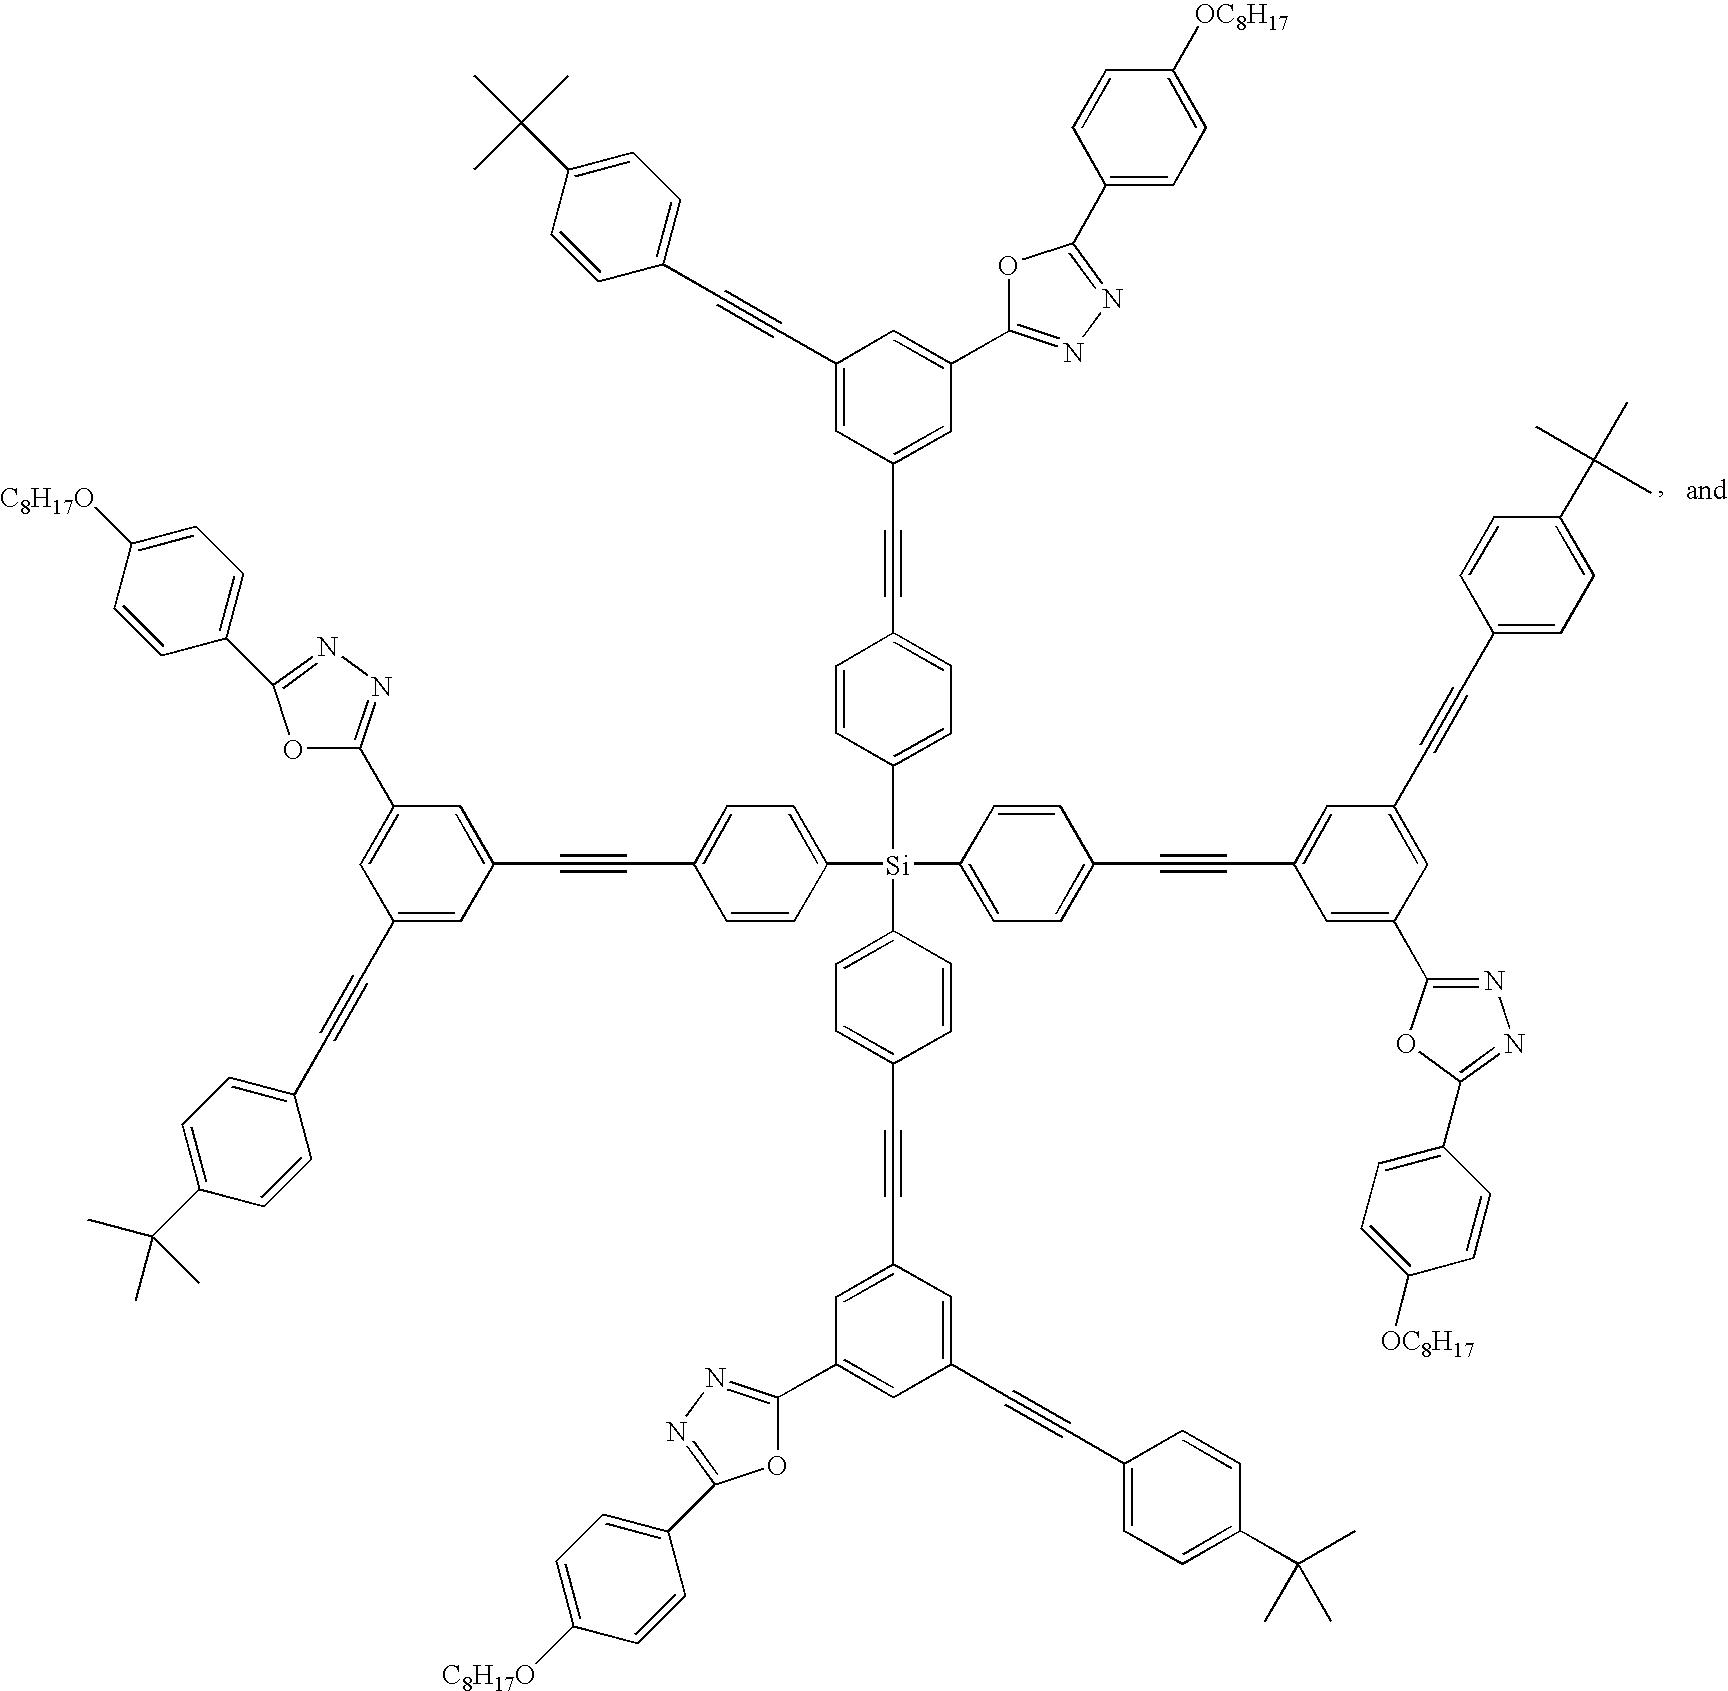 Figure US20070107835A1-20070517-C00043